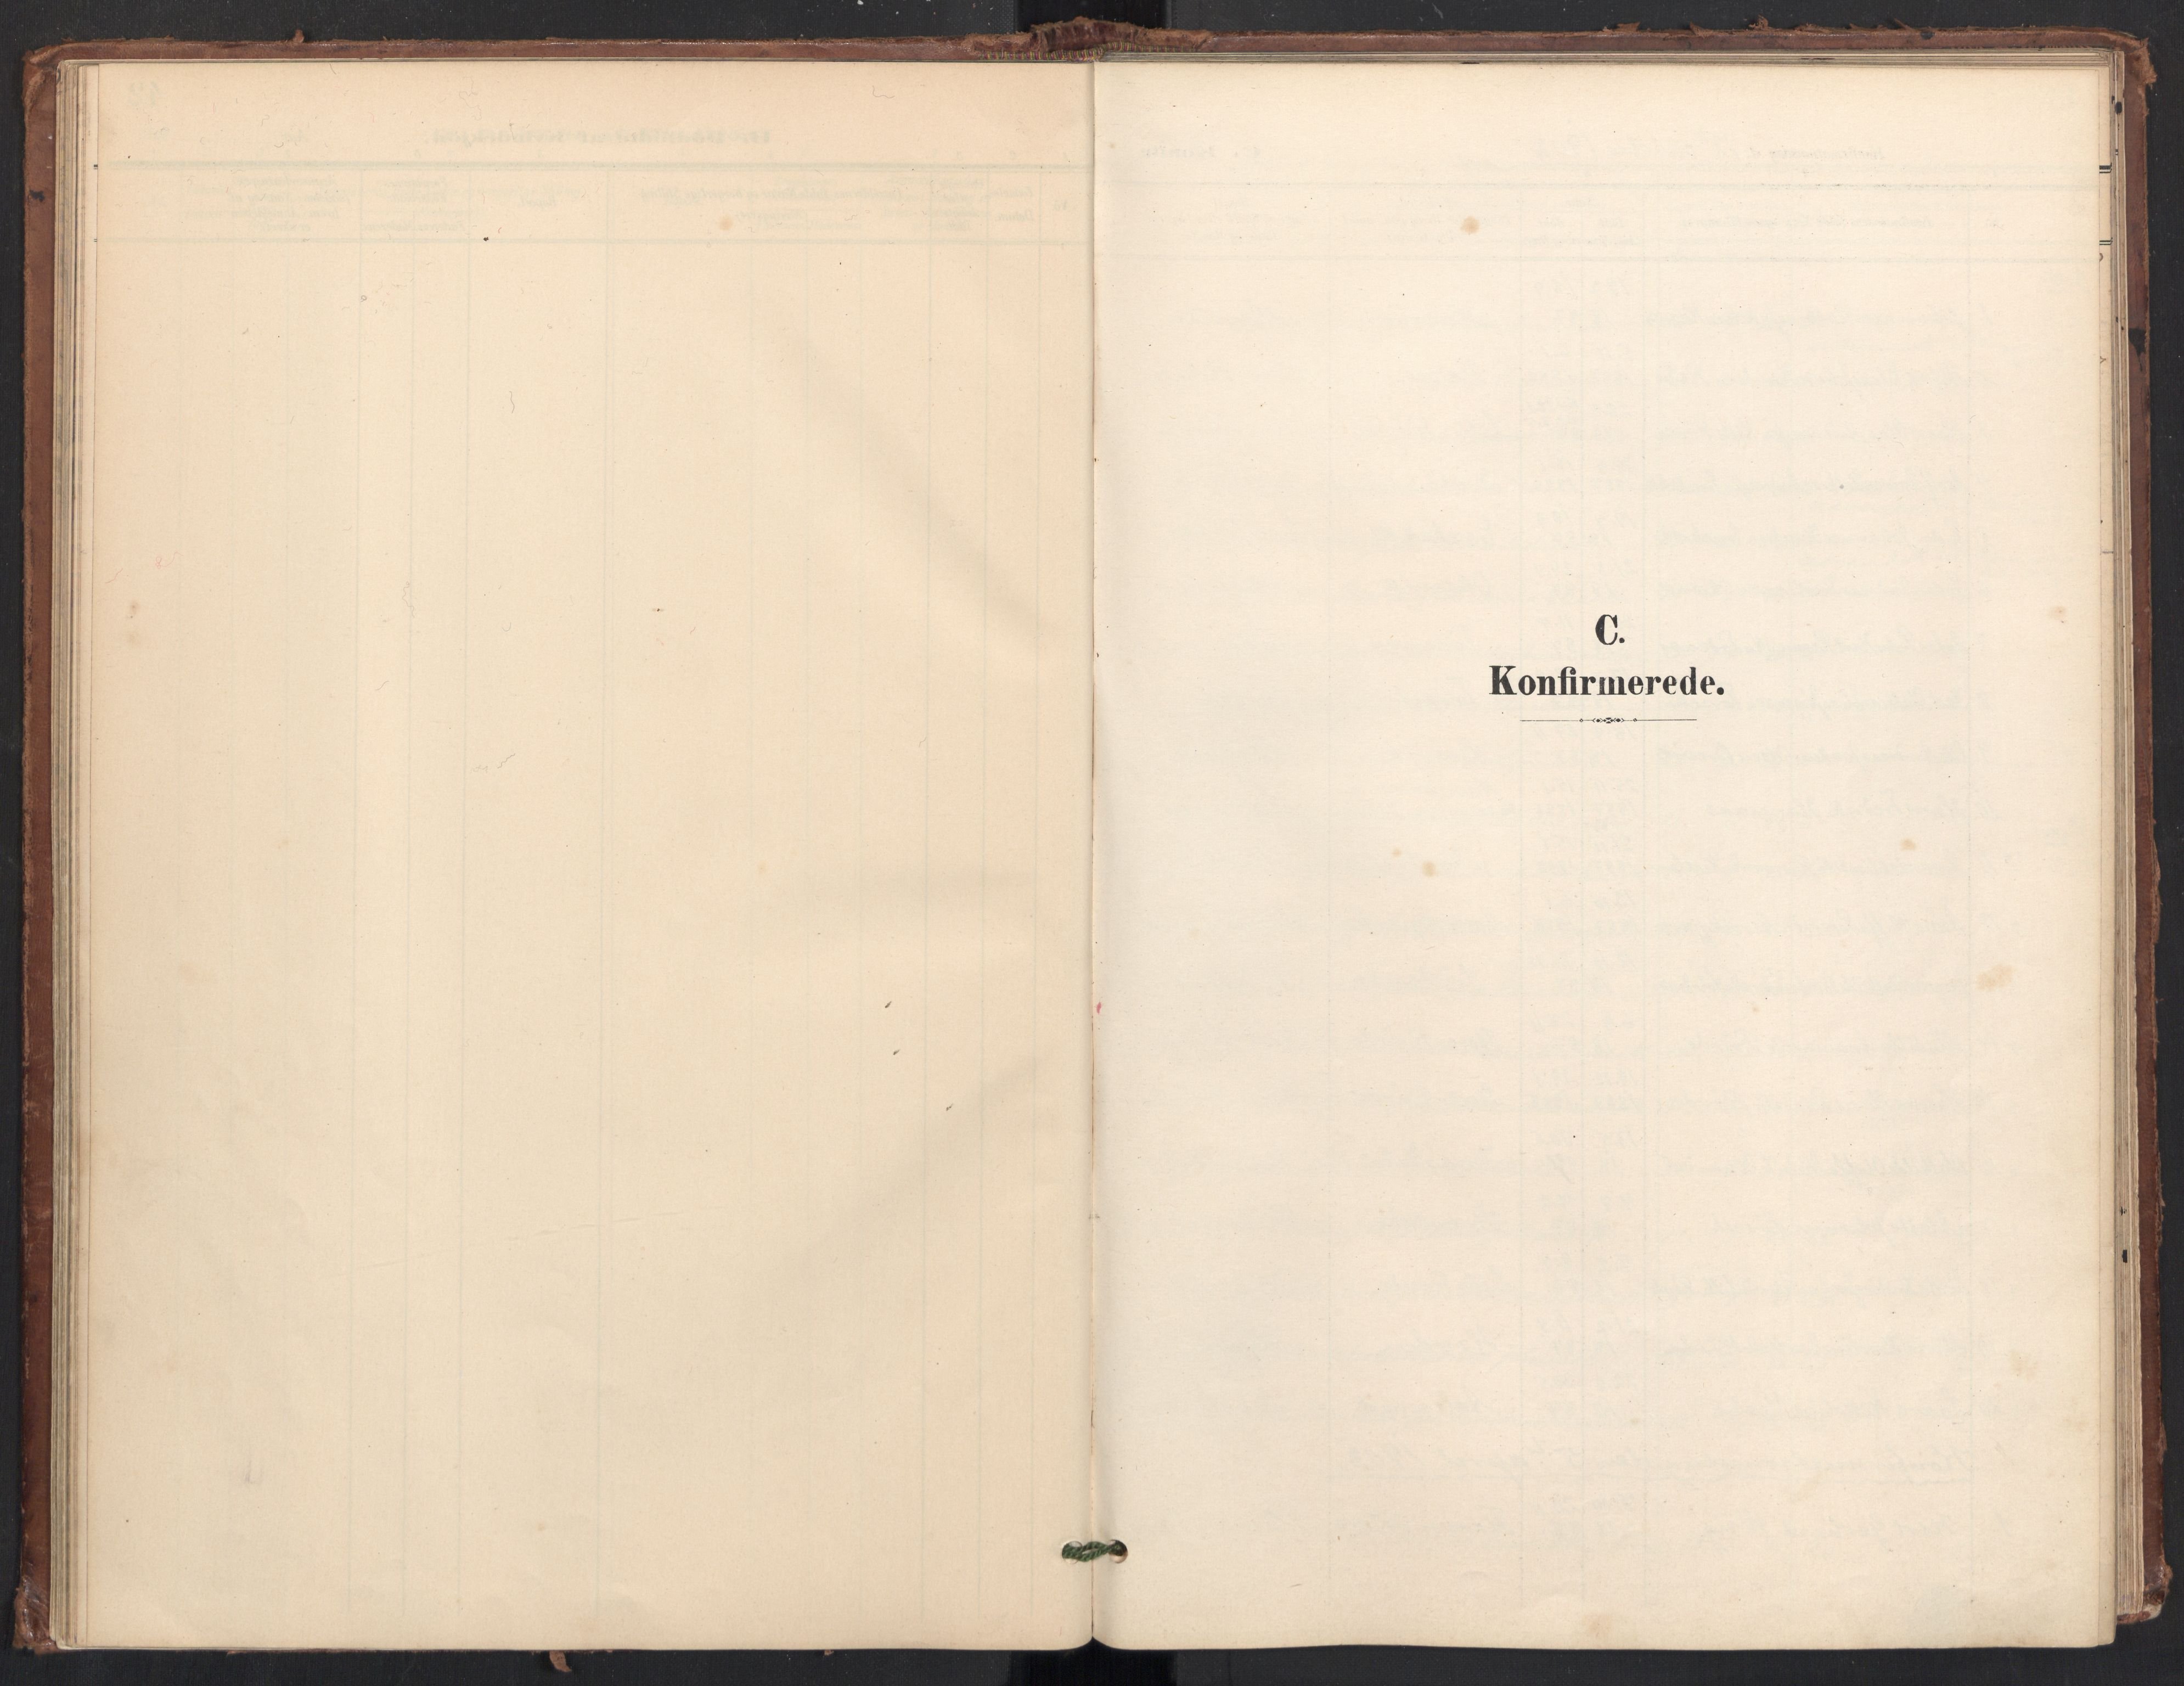 SAT, Ministerialprotokoller, klokkerbøker og fødselsregistre - Møre og Romsdal, 504/L0057: Ministerialbok nr. 504A04, 1902-1919